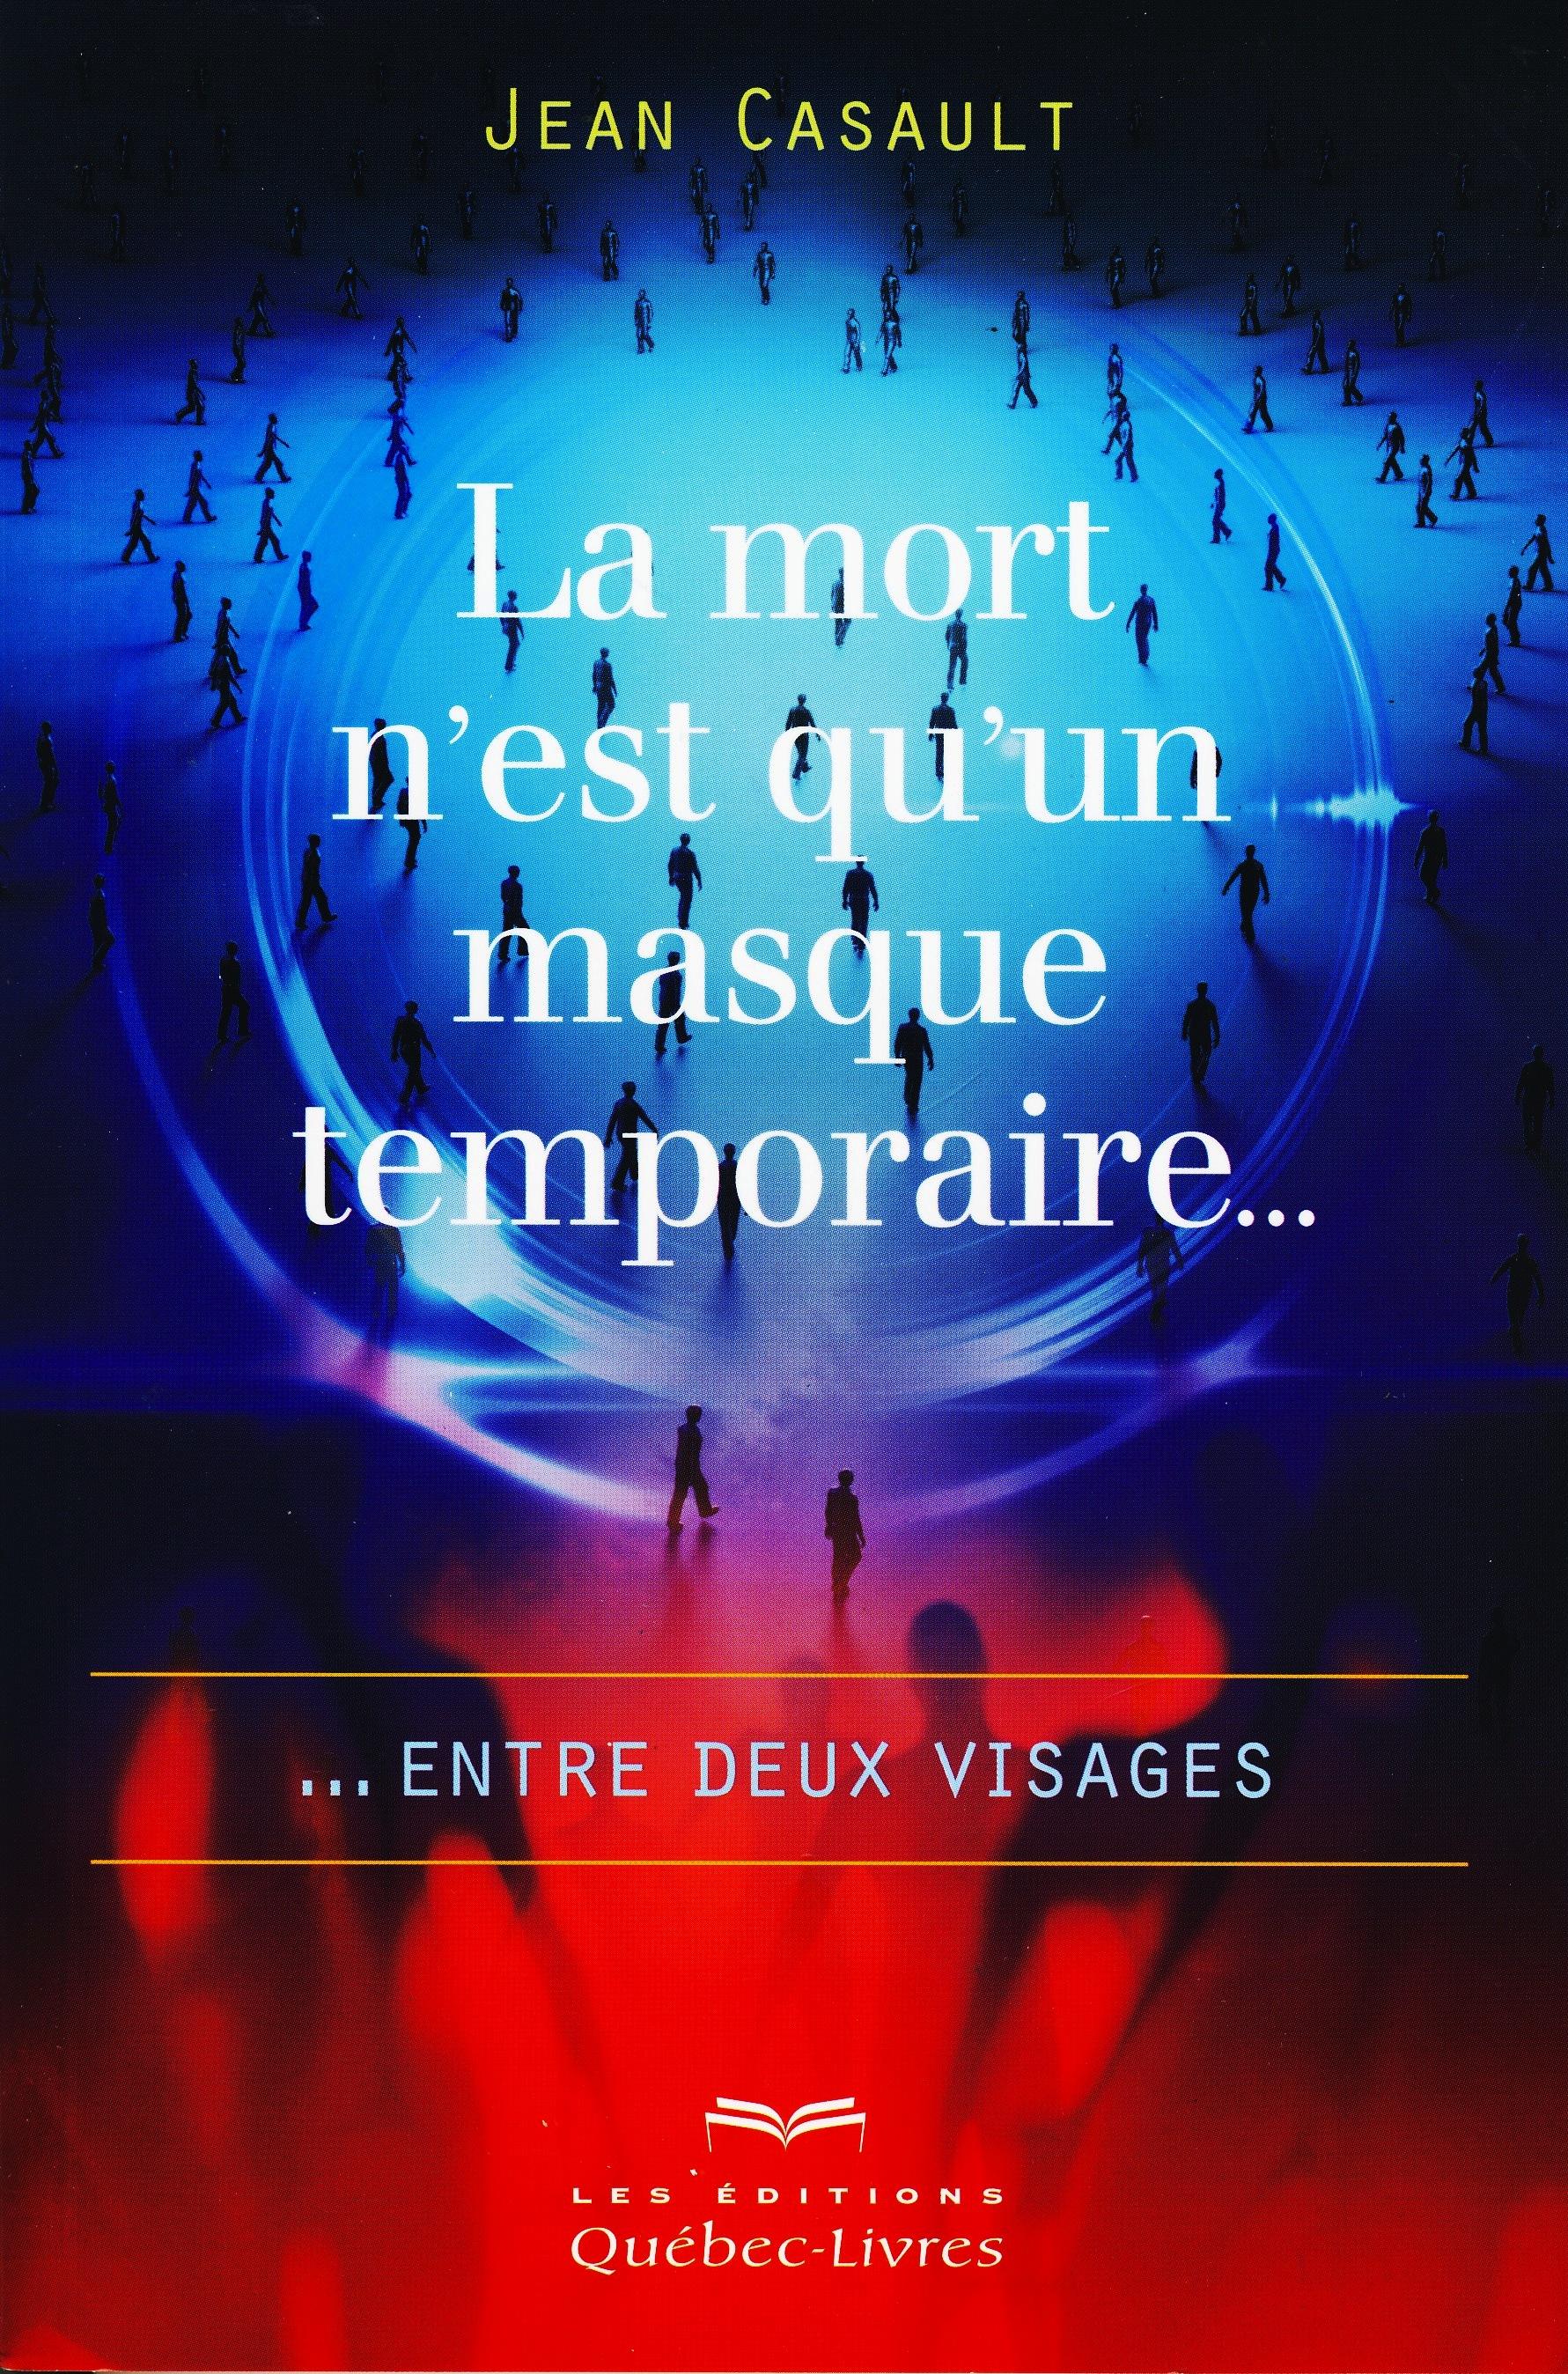 Entrevue avec Jean Casault de Yannick Marceau de CHOI 98.1 Québec Mort-masque